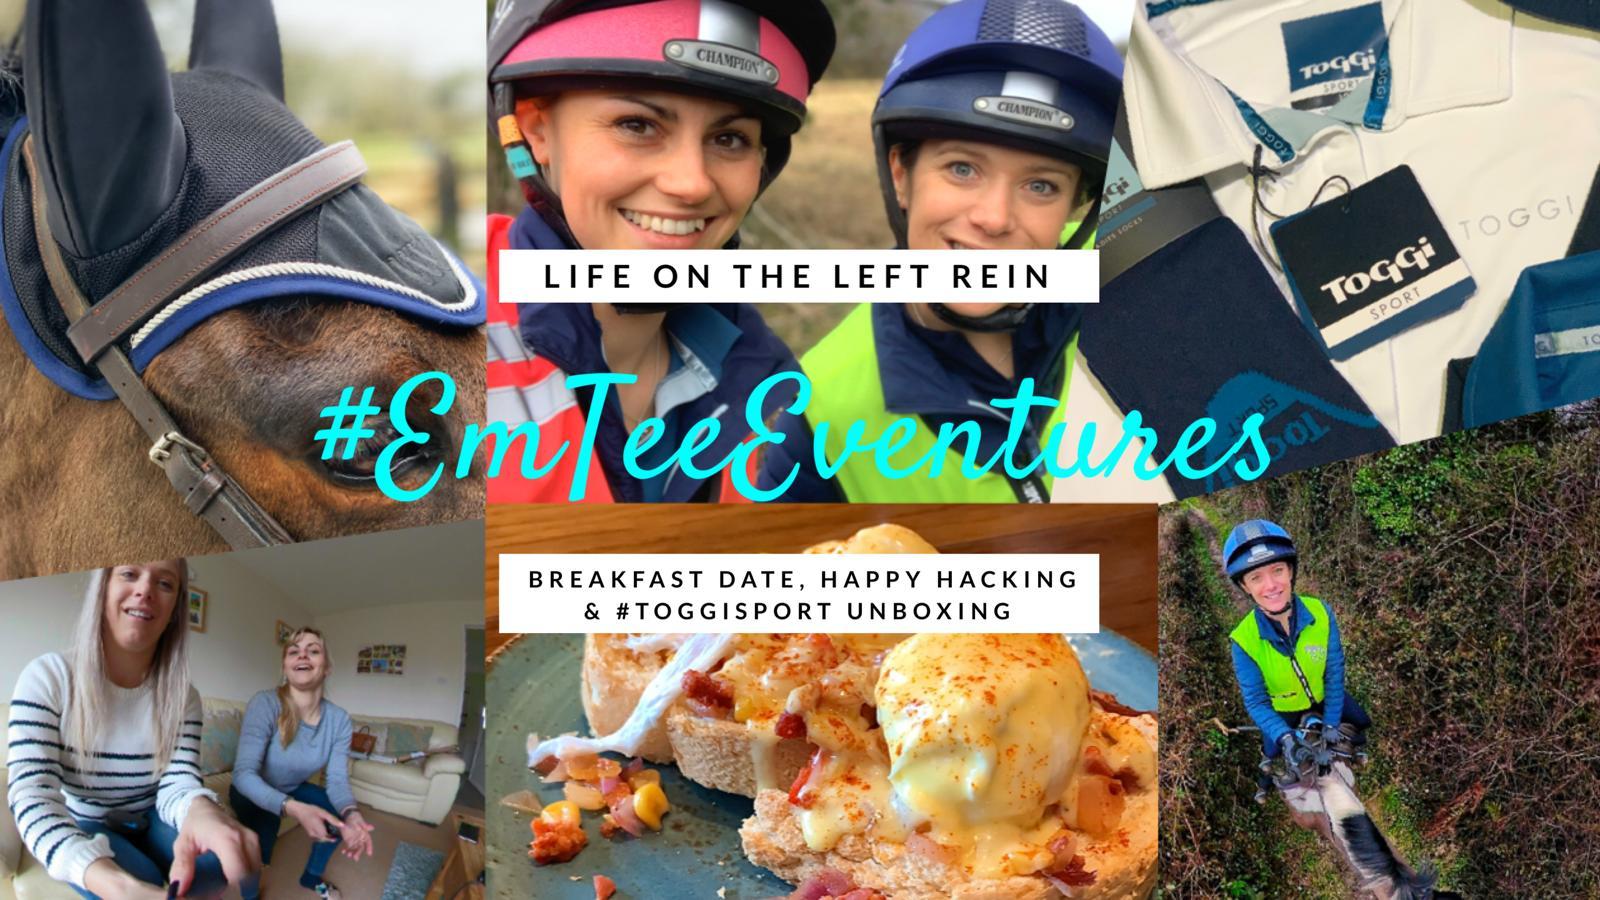 Breakfast Date, Happy Hacking & ToggiSport Unboxing #EmTeeEventures